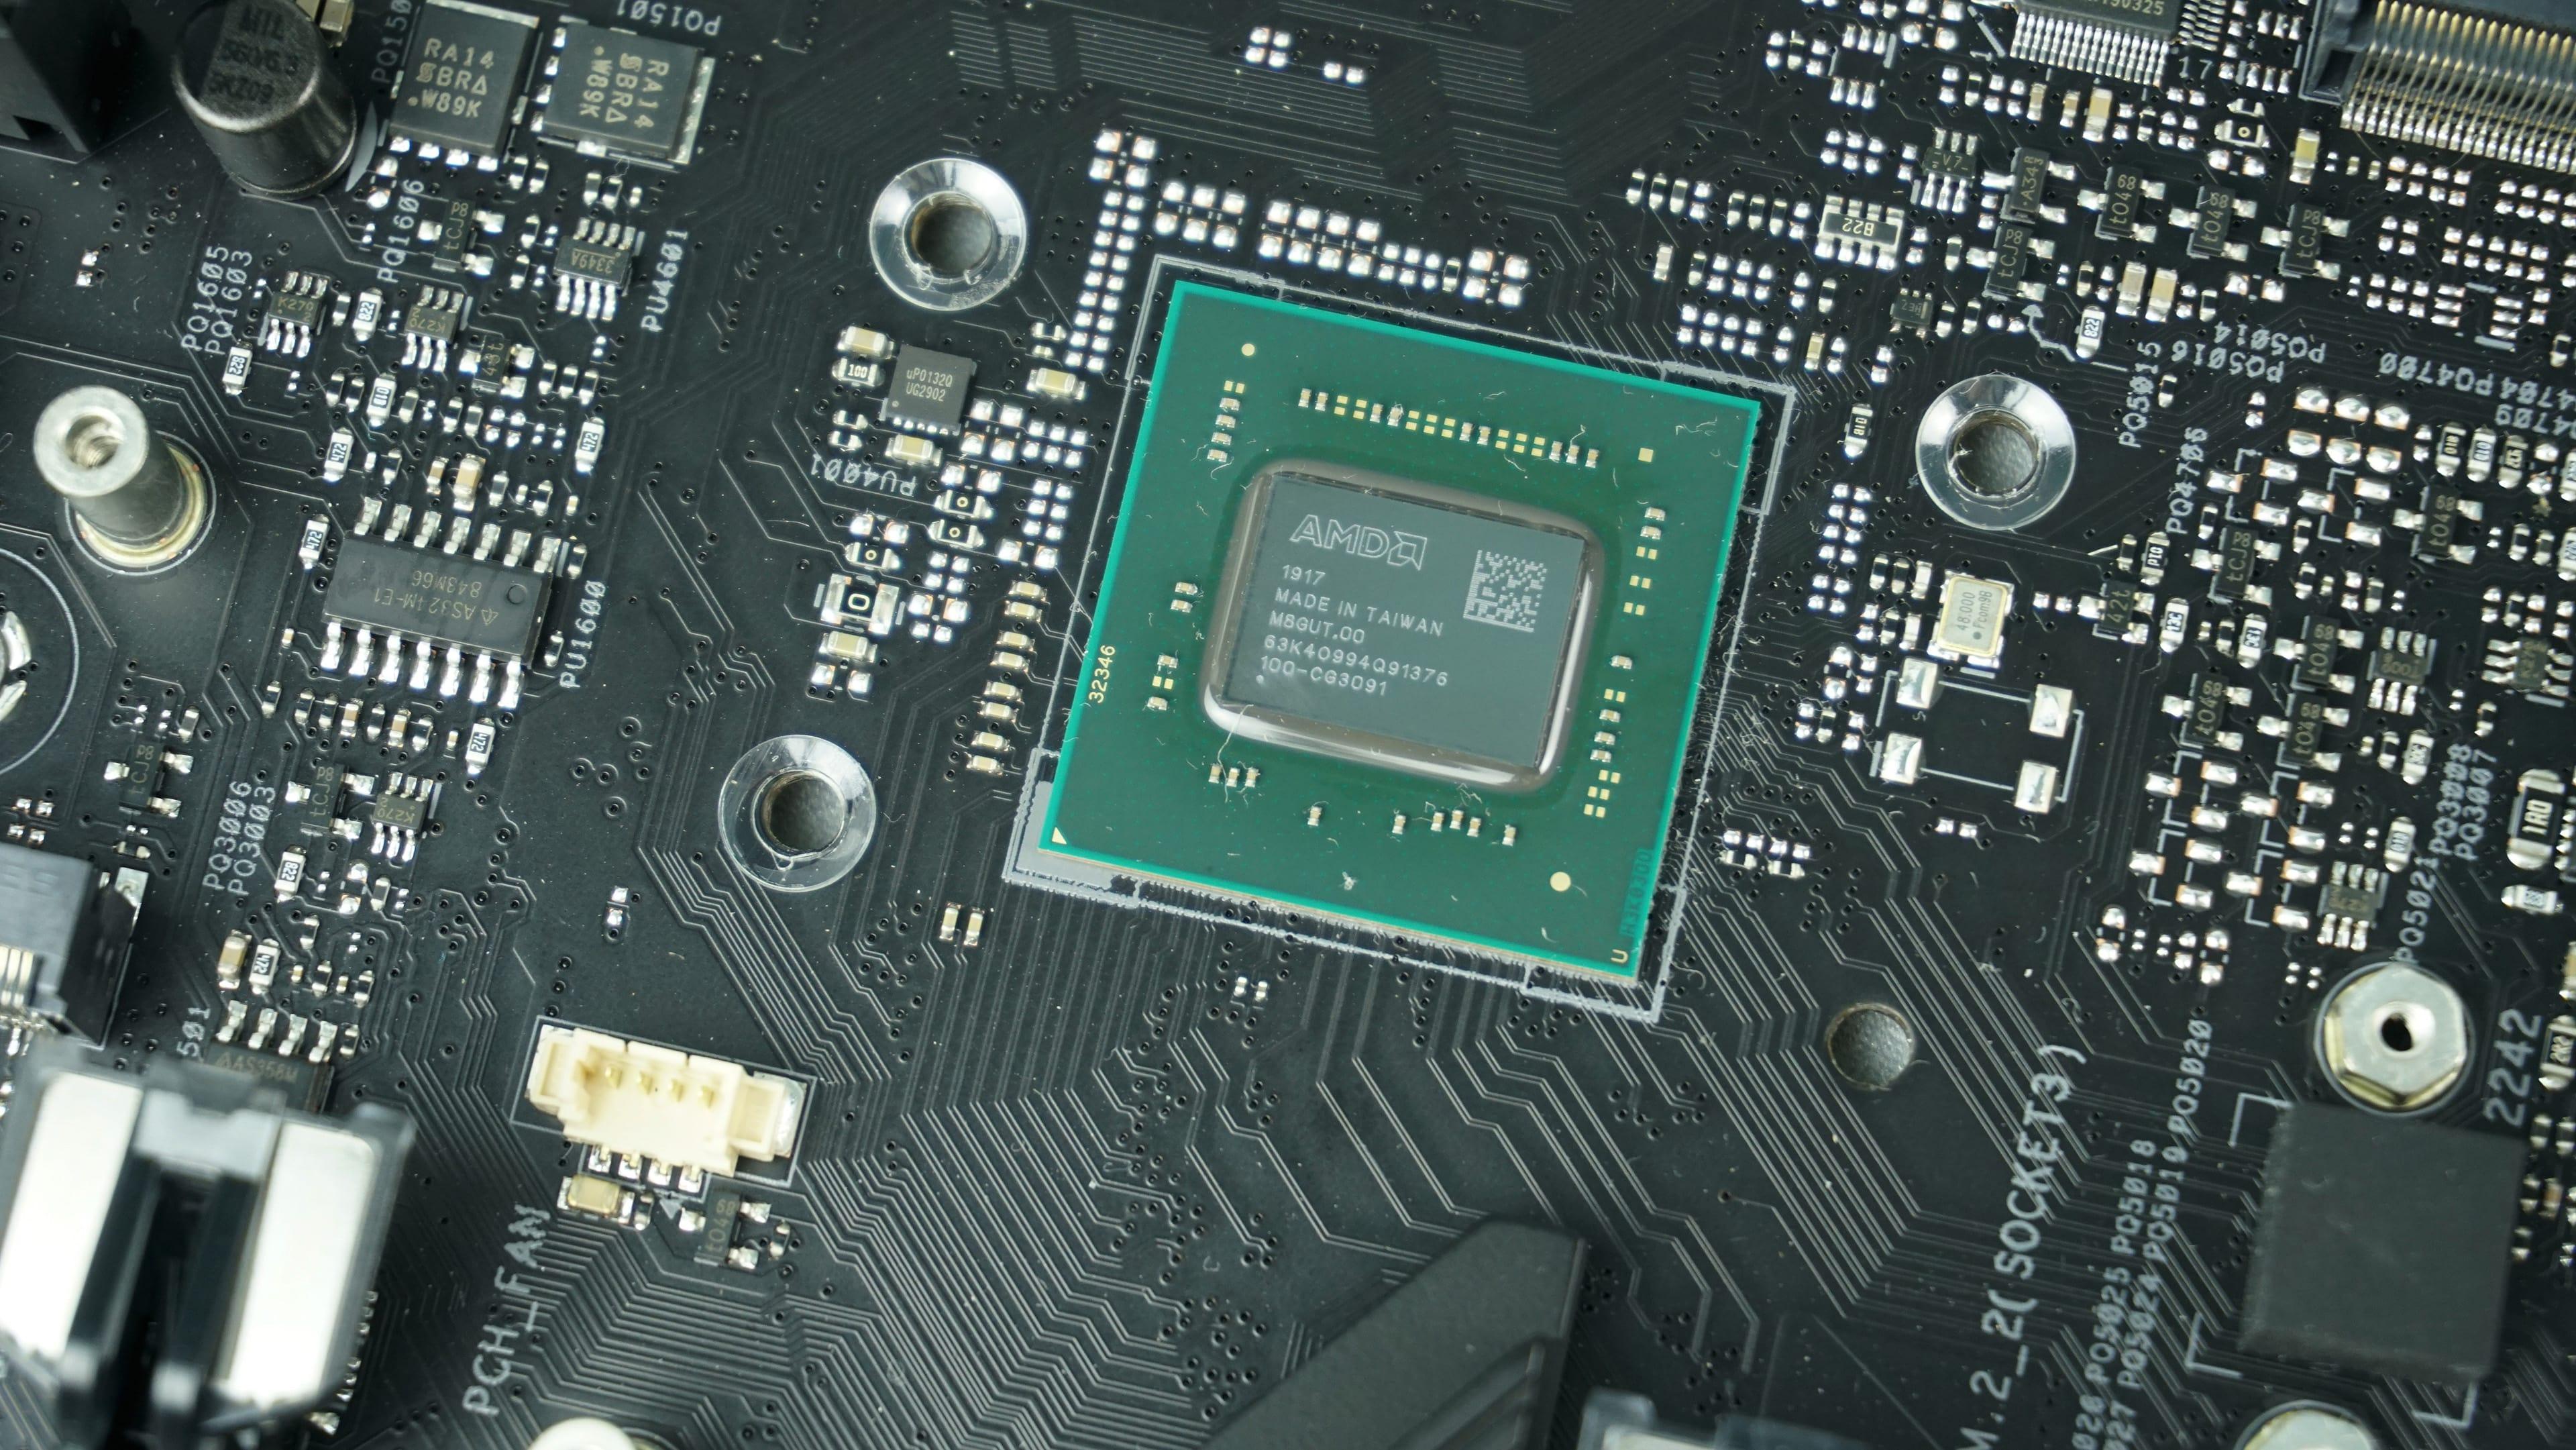 Desky s AMD B550 budou v půli června/júna, odhalení za měsíc - HWCooling.net